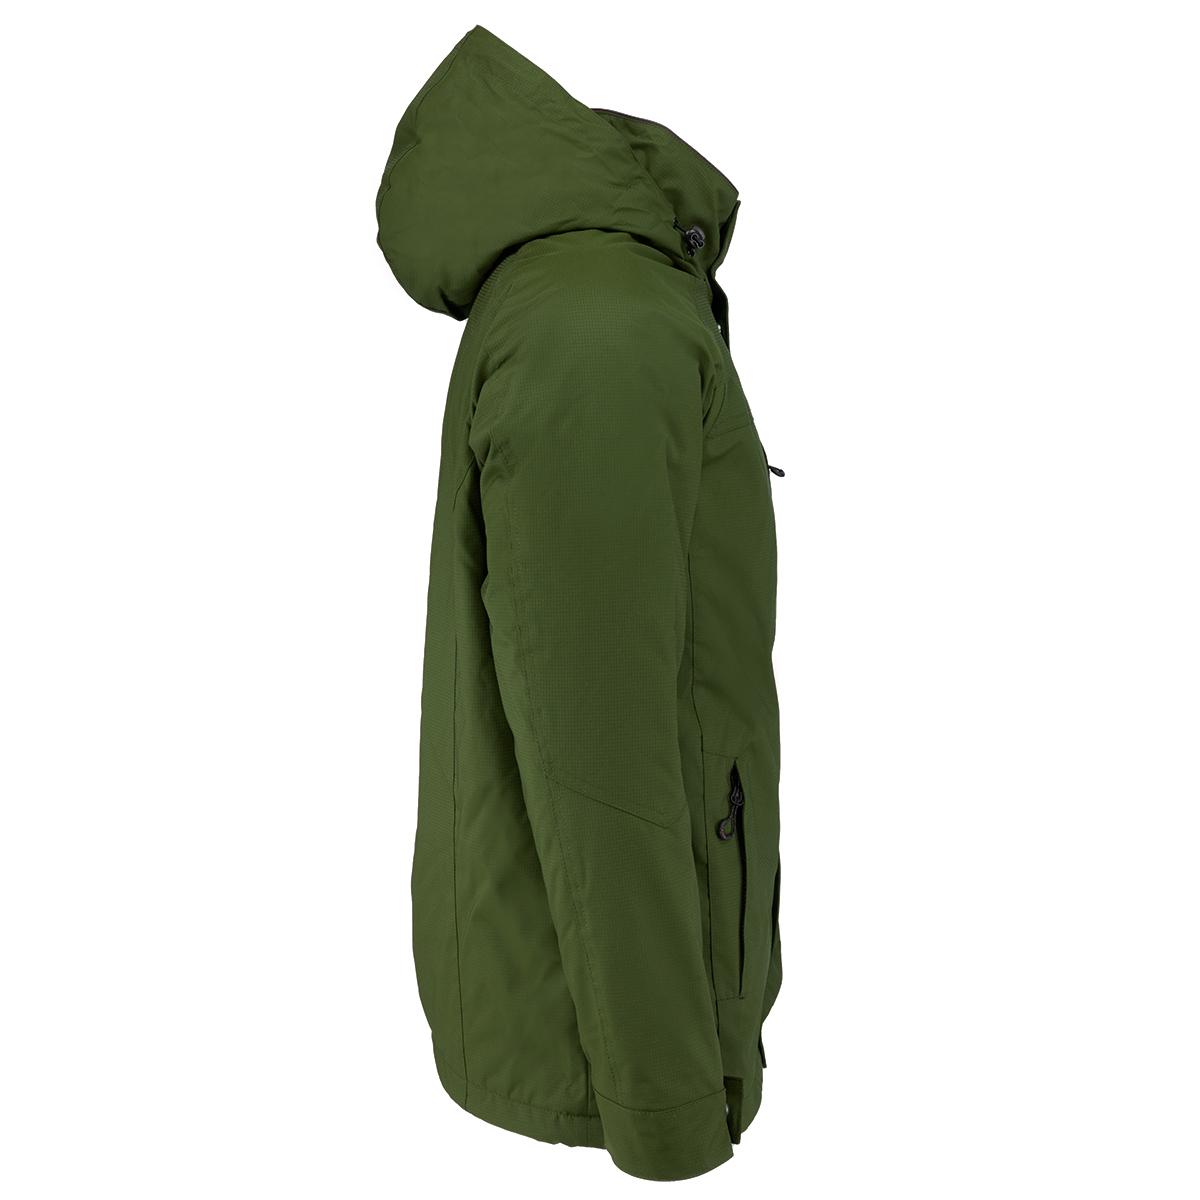 IZOD-Men-039-s-Midweight-Polar-Fleece-Lined-Jacket thumbnail 19